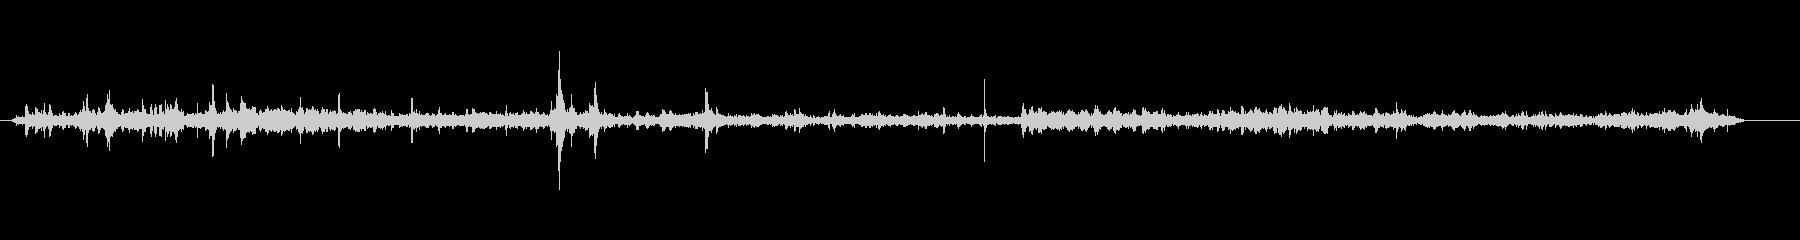 ショップ-小さい-声の未再生の波形